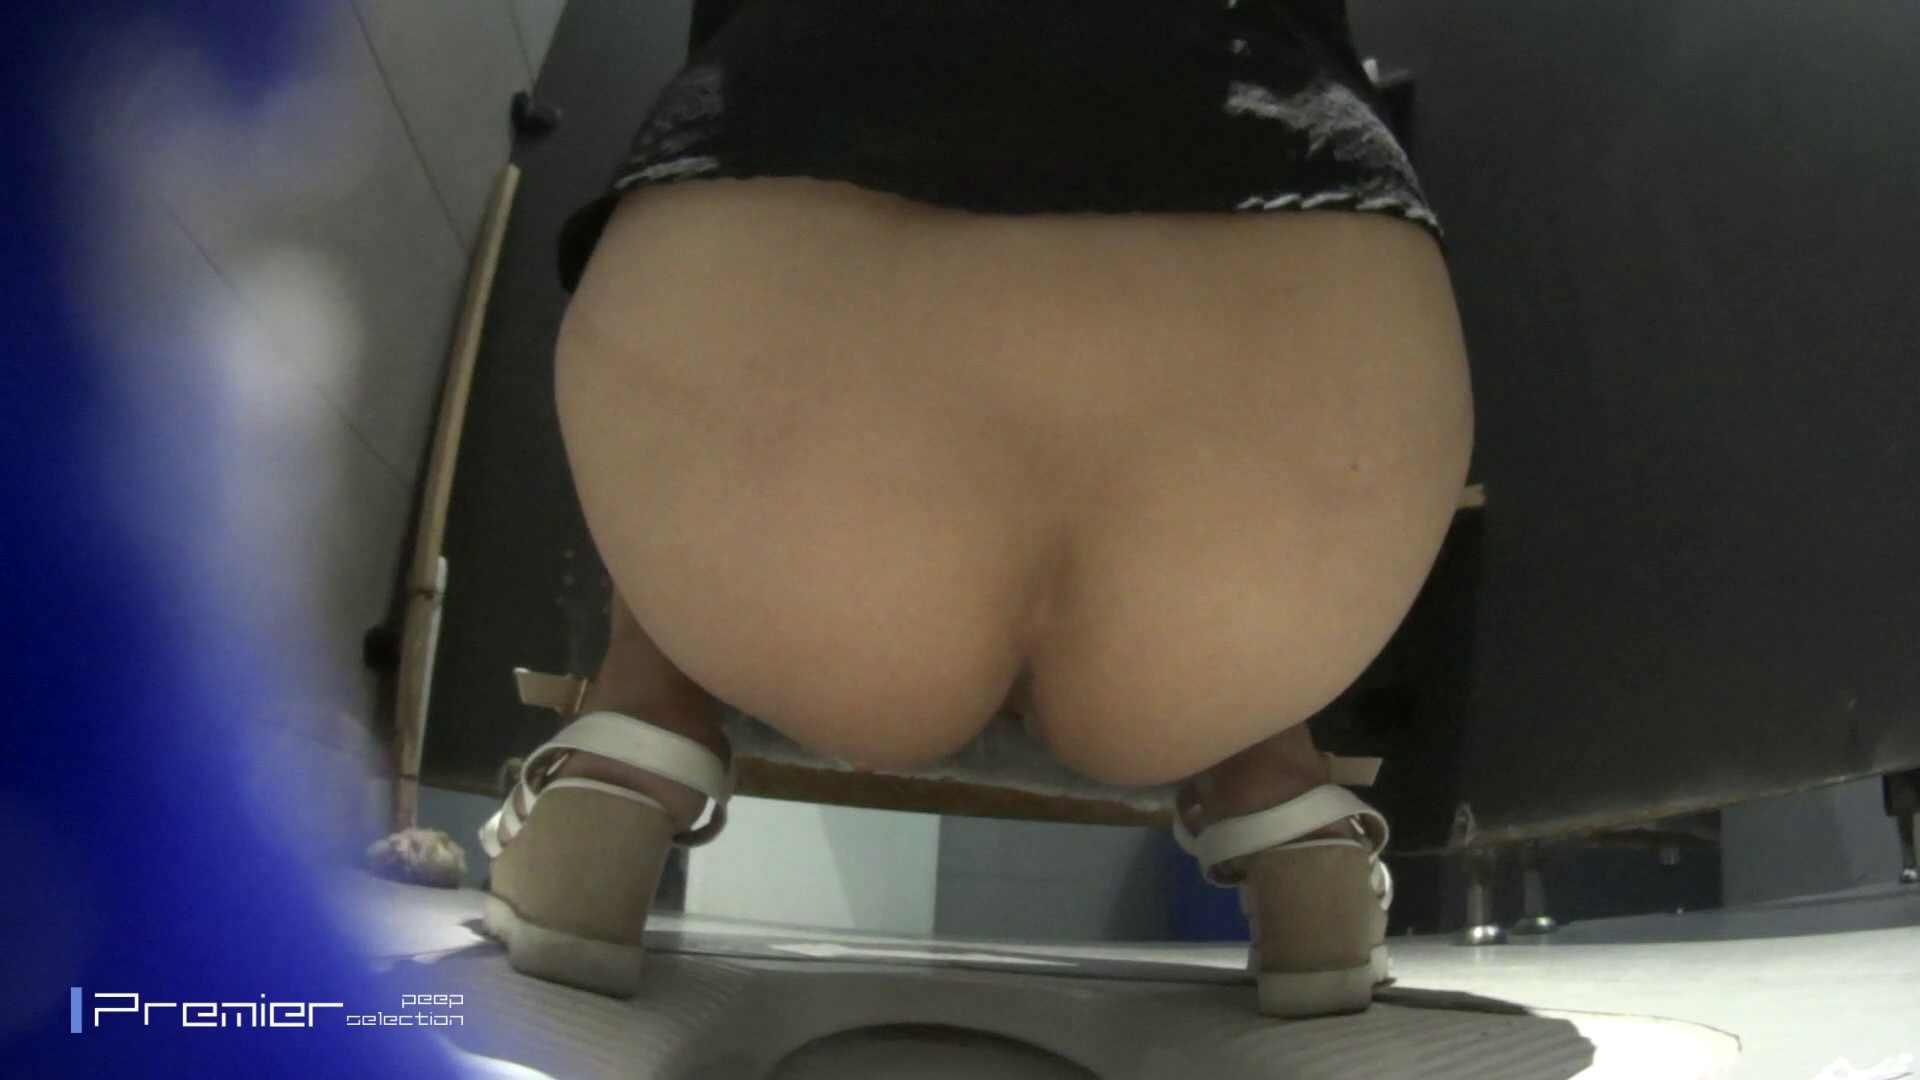 お尻にチリ紙をつけてる美女 大学休憩時間の洗面所事情54 丸見え セックス画像 112画像 102